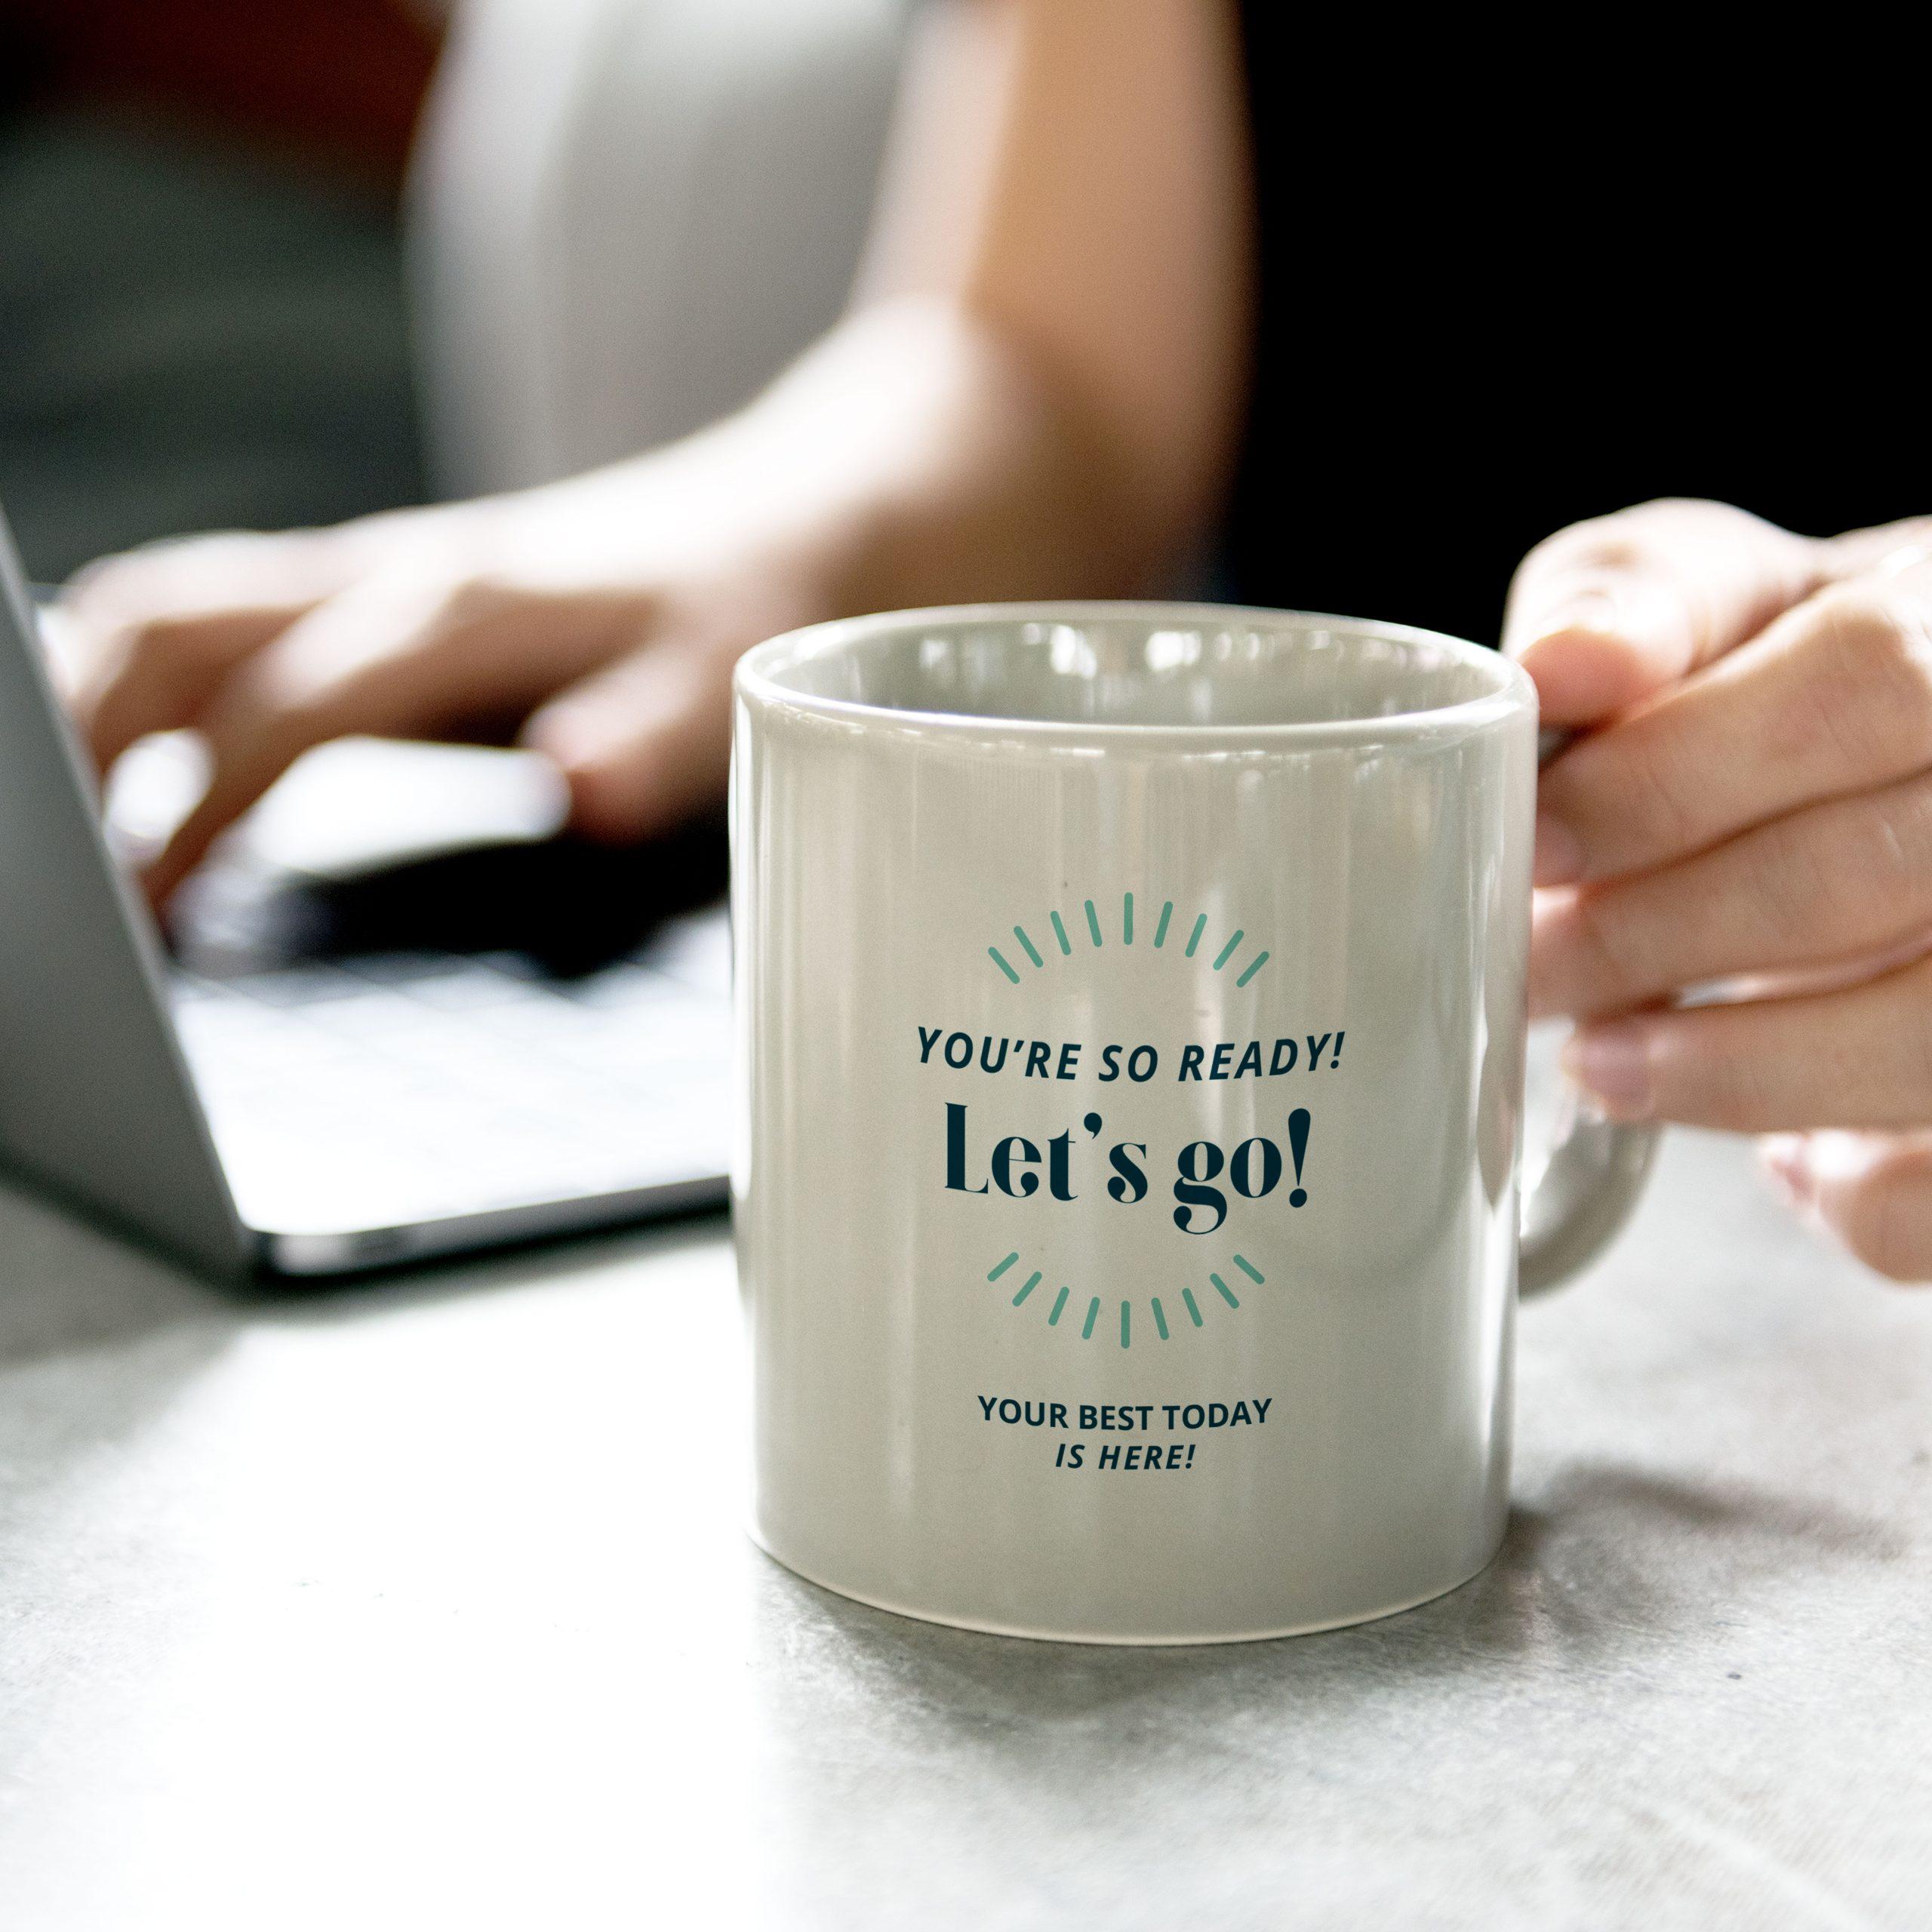 mug/swag designed for Best Today by C&V